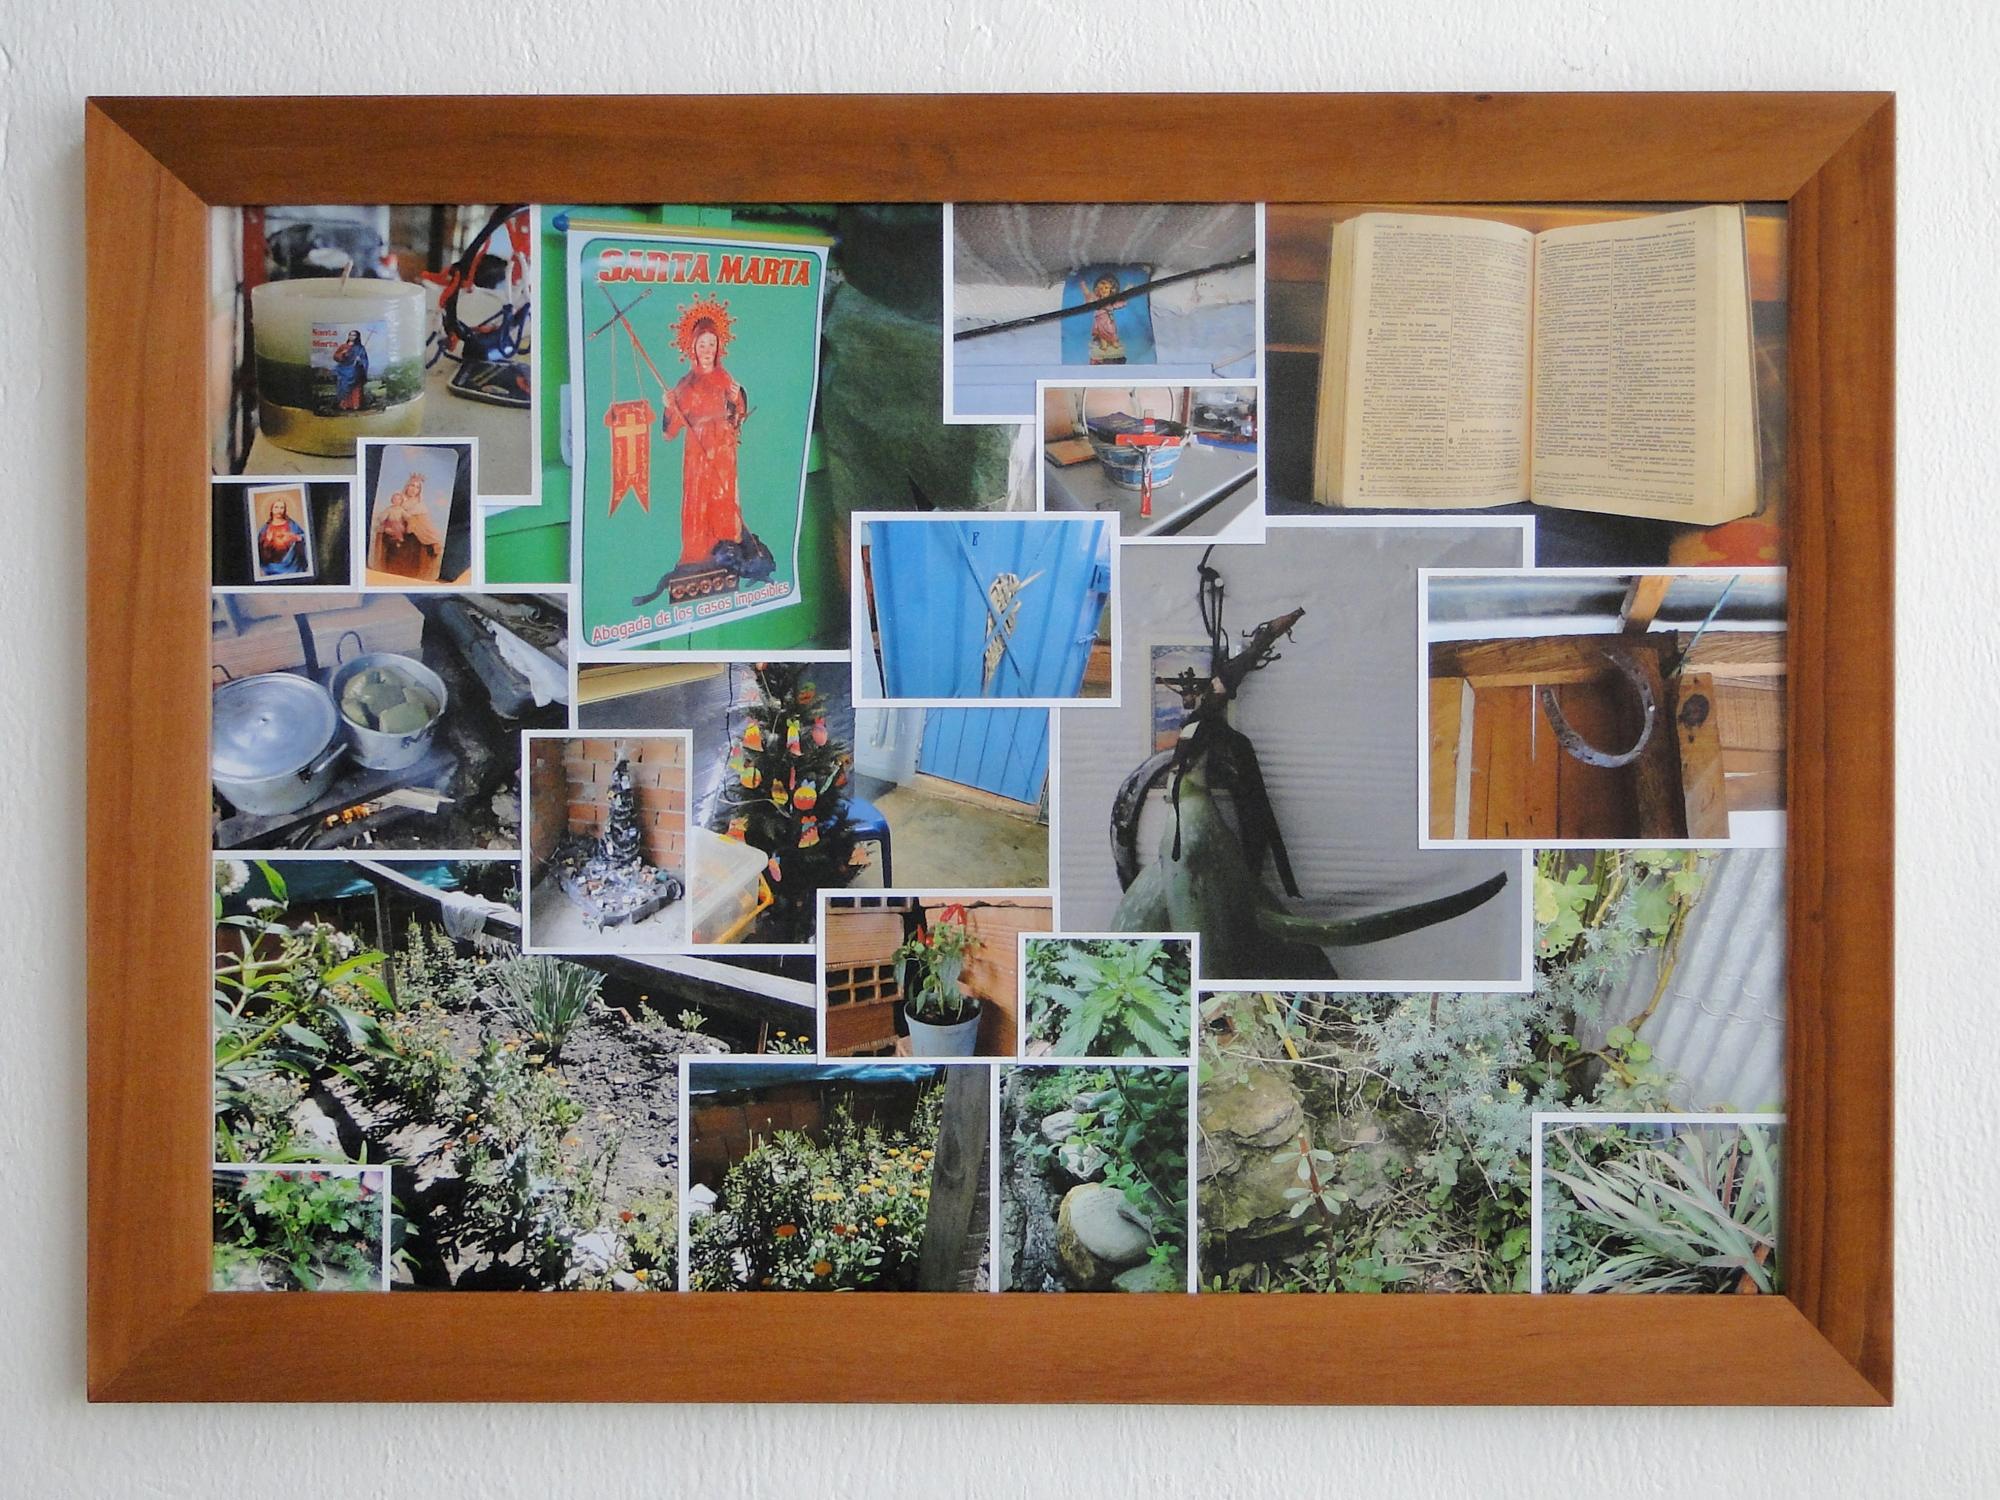 Mi Casa Mi Cuerpo: Migración Forzosa, Memoria y Creación Colectiva, 2008-2011. Atlas de creencias y tradiciones. © Óscar Moreno Escárraga, 2011.